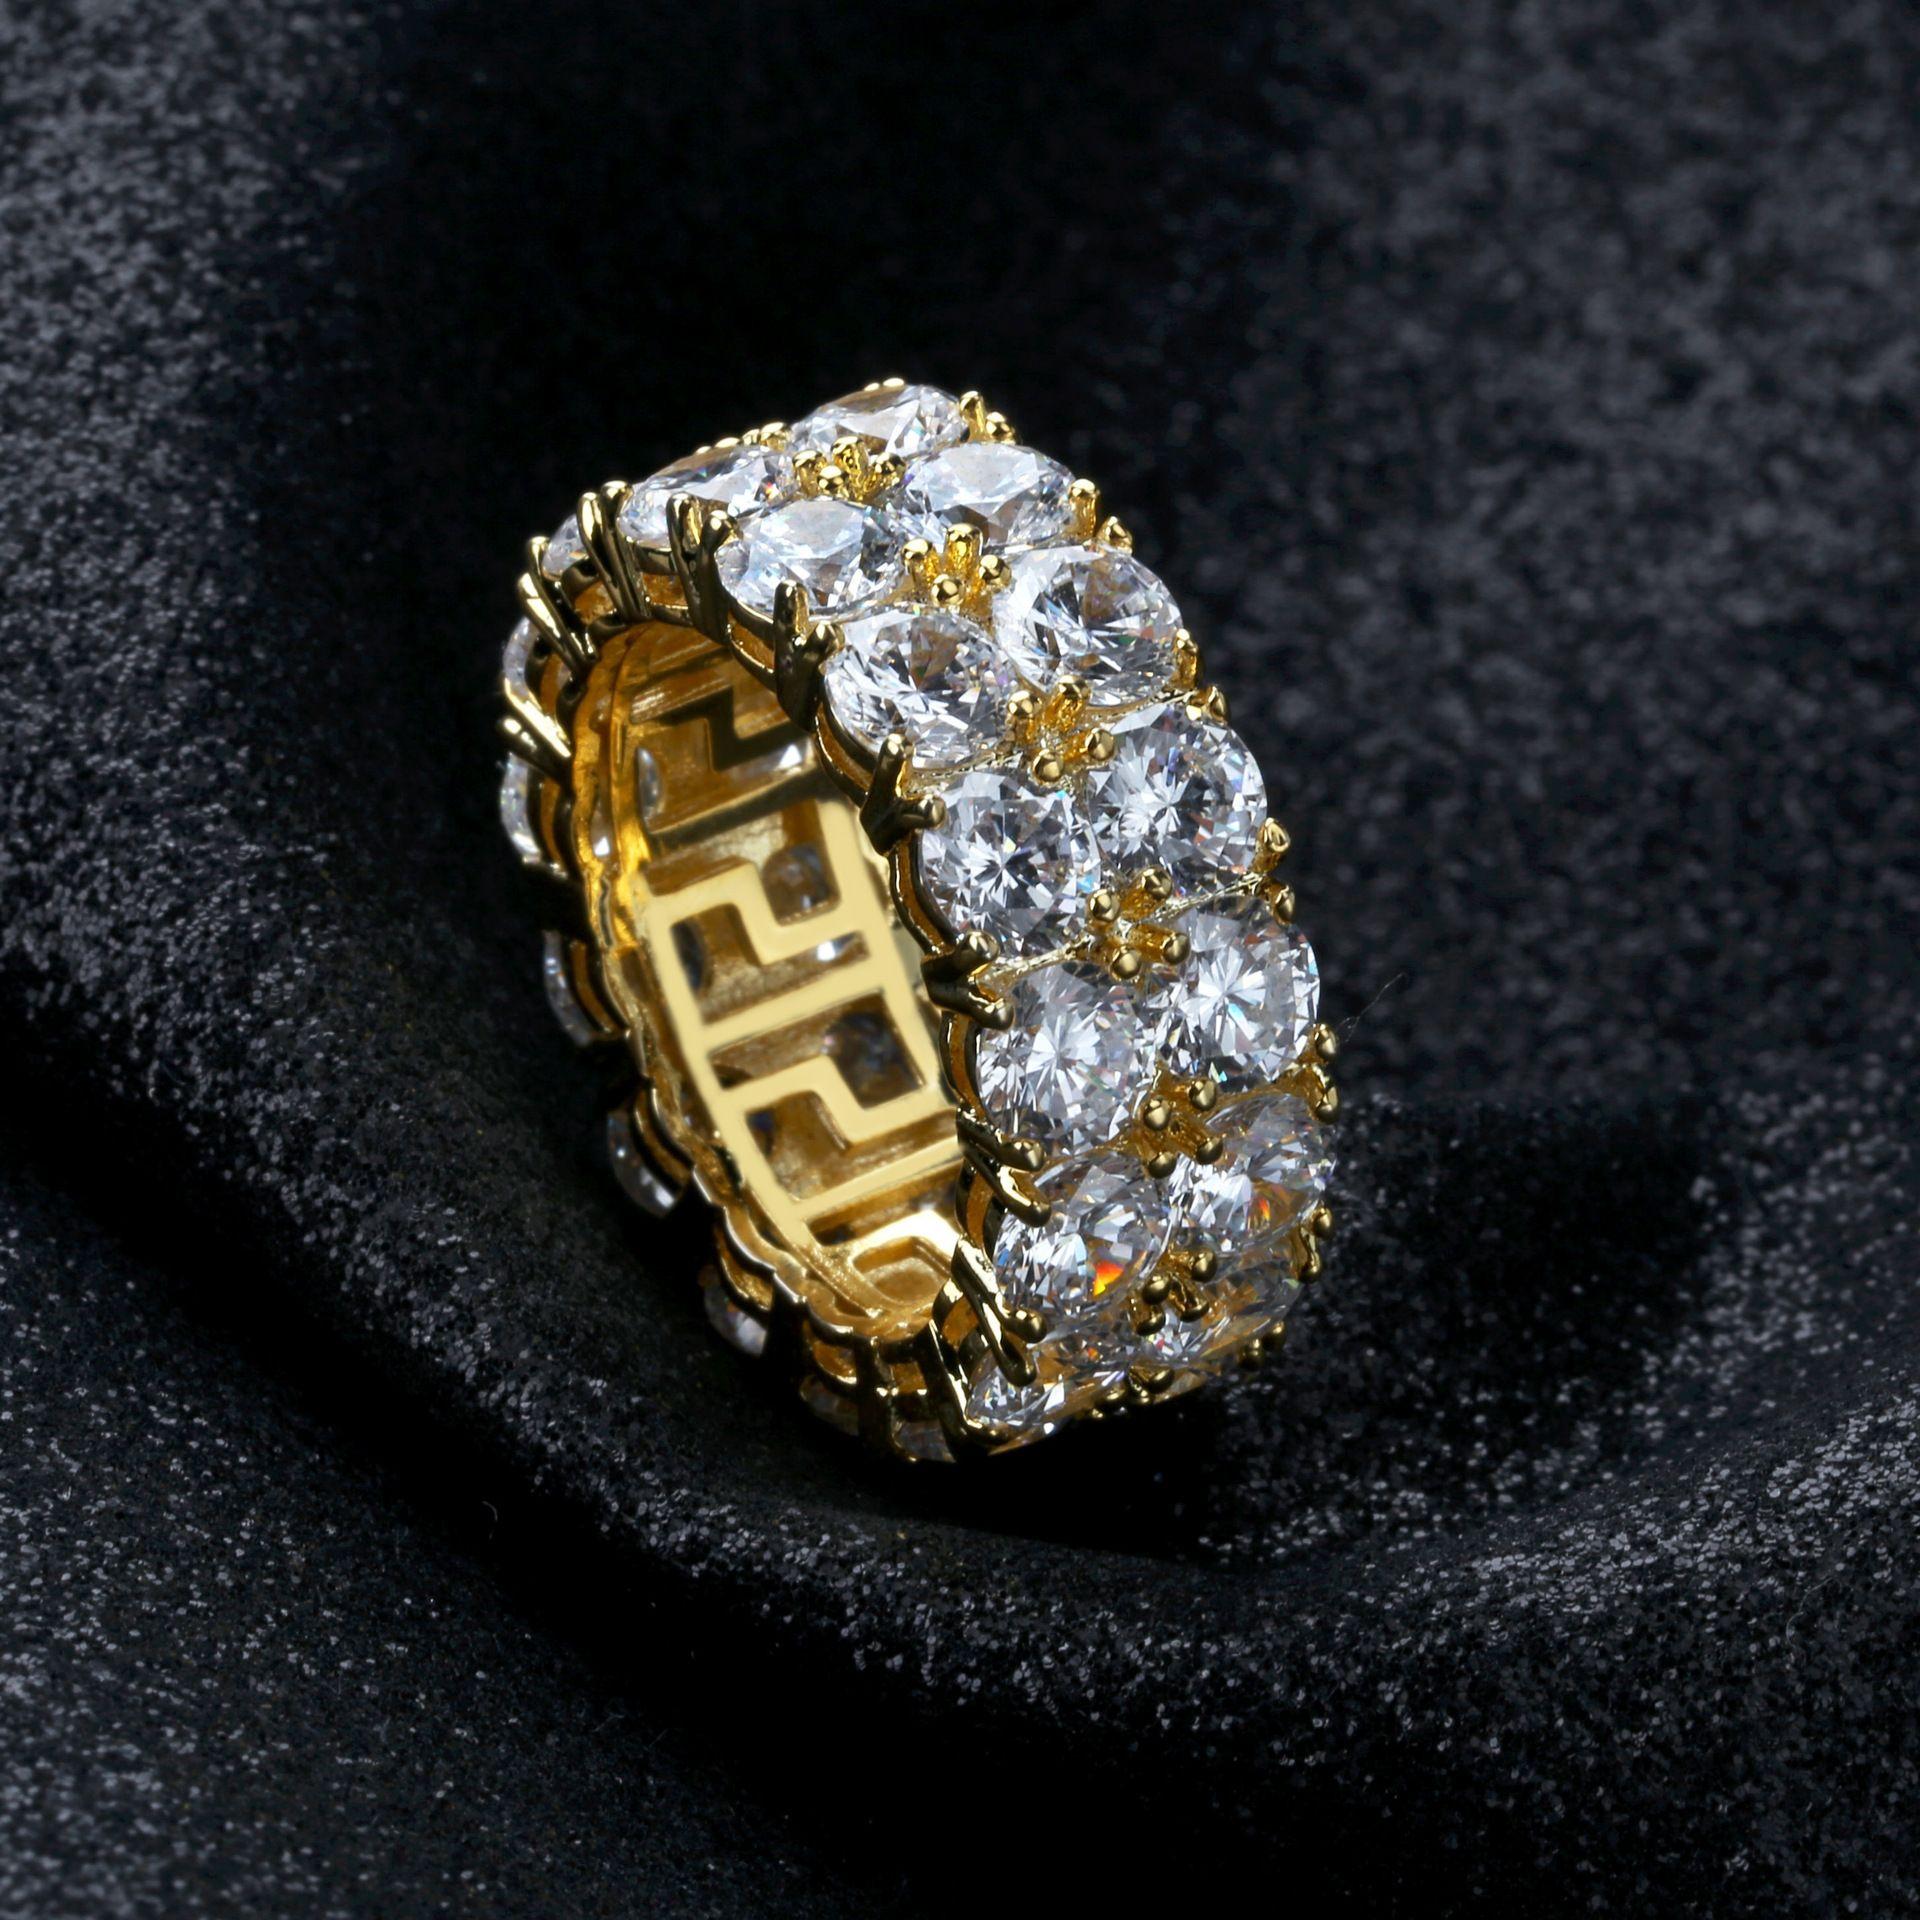 Größe 7-12 Hip Hop 2 Reihe Runder Solitaire Zirkon Tennis Ring Für Männer Frauen Gold Silber Farben